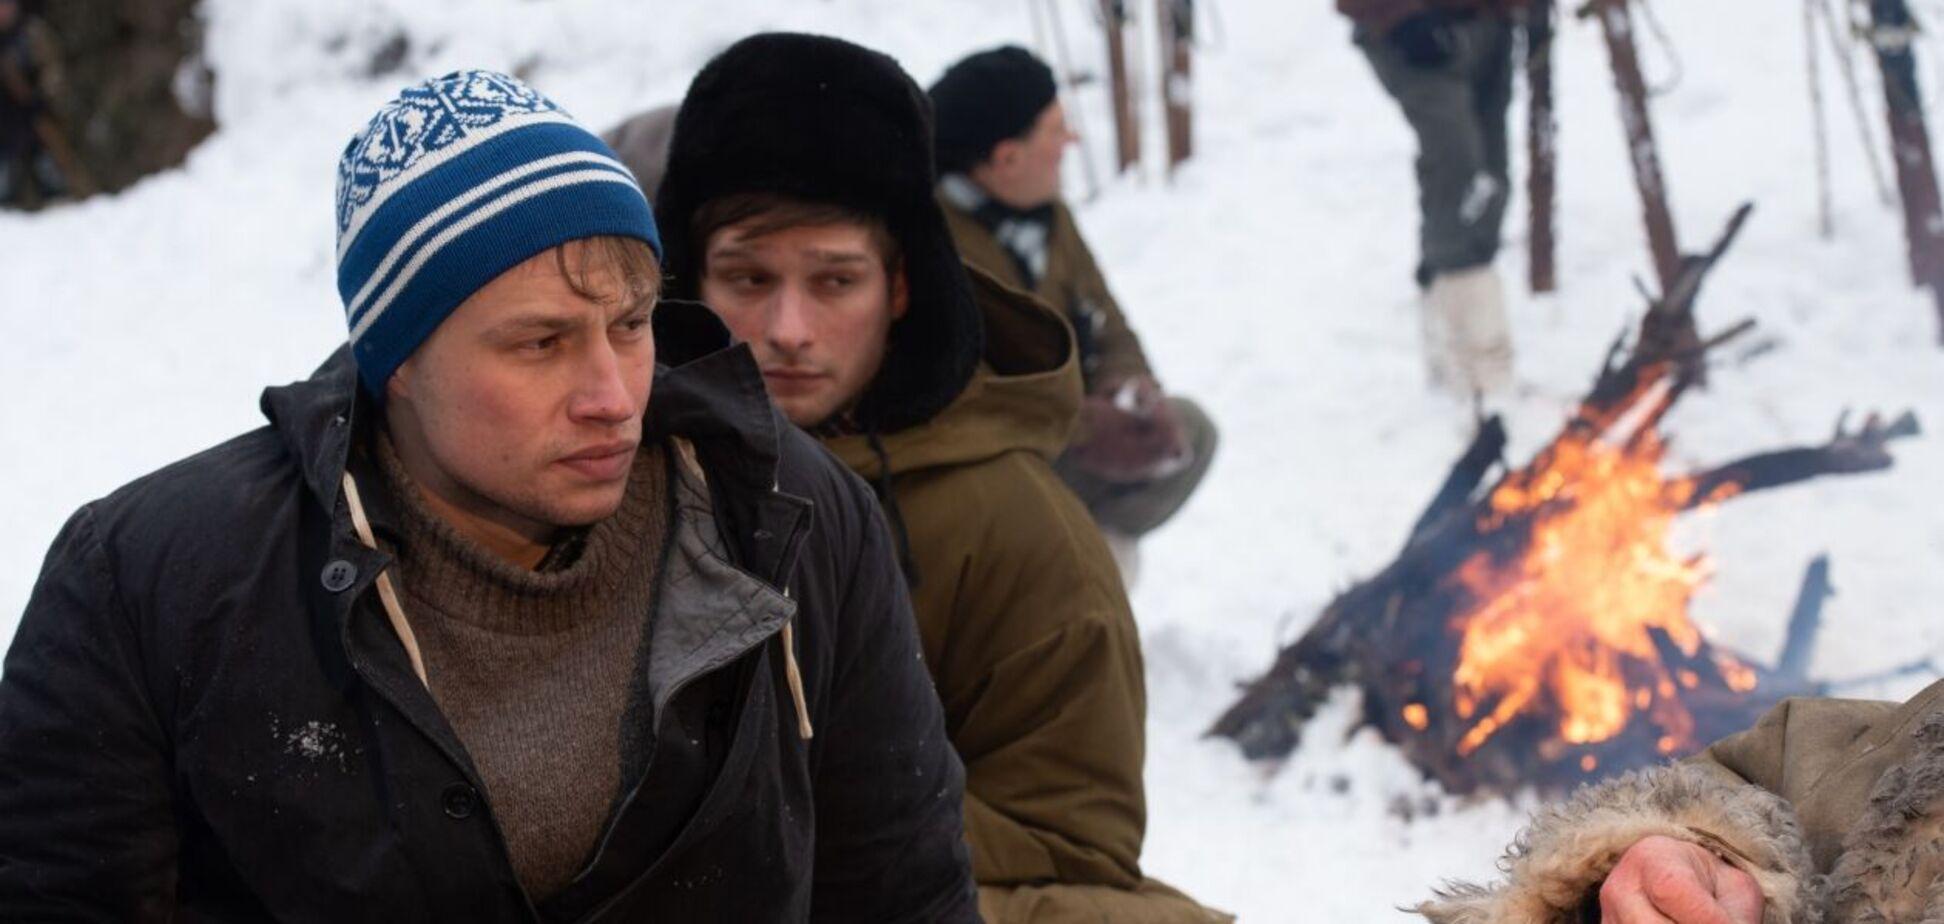 Сериал 'Перевал Дятлова': в сети сравнили реальных героев истории с актерами ленты